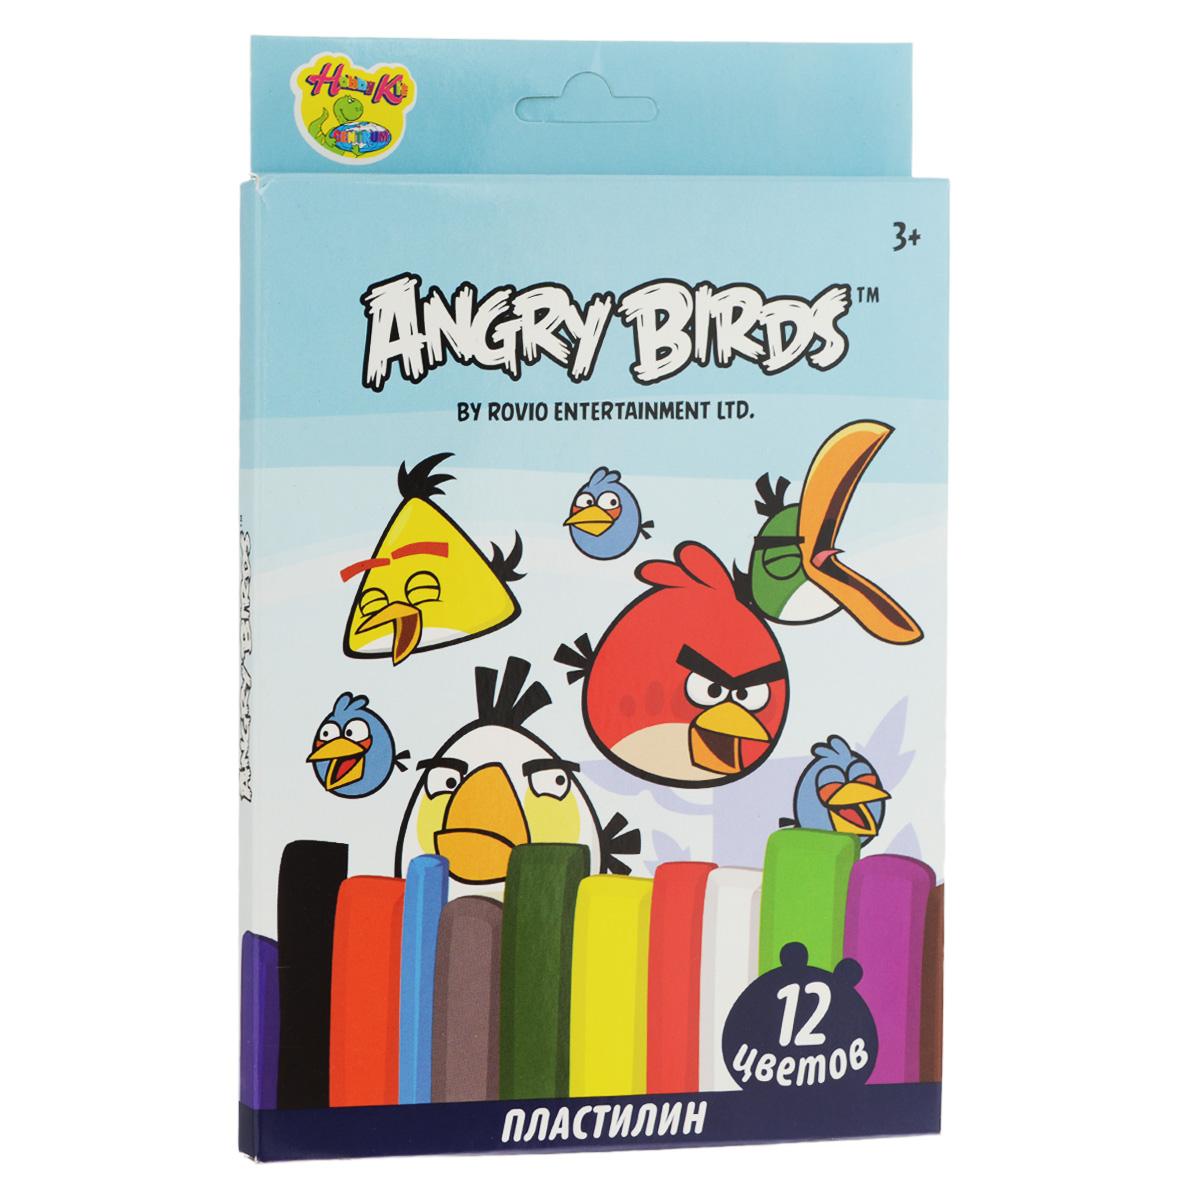 Пластилин Angry Birds, 12 цветов. 8496684966Пластилин Angry Birds - это отличная возможность познакомить ребенка с еще одним из видов изобразительного творчества, в котором создаются объемные образы и целые композиции. В набор входит пластилин 12 ярких цветов (красный, темно-зеленый, черный, оранжевый, светло-зеленый, фиолетовый, белый, желтый, синий, коричневый, голубой, серый), а также пластиковый стек для нарезания пластилина. Цвета пластилина легко смешиваются между собой, и таким образом можно получить новые оттенки. Пластилин имеет яркие, красочные цвета и не липнет к рукам. Техника лепки богата и разнообразна, но при этом доступна даже маленьким детям. Занятия лепкой не только увлекательны, но и полезны для ребенка. Они способствуют развитию творческого и пространственного мышления, восприятия формы, фактуры, цвета и веса, развивают воображение и мелкую моторику.